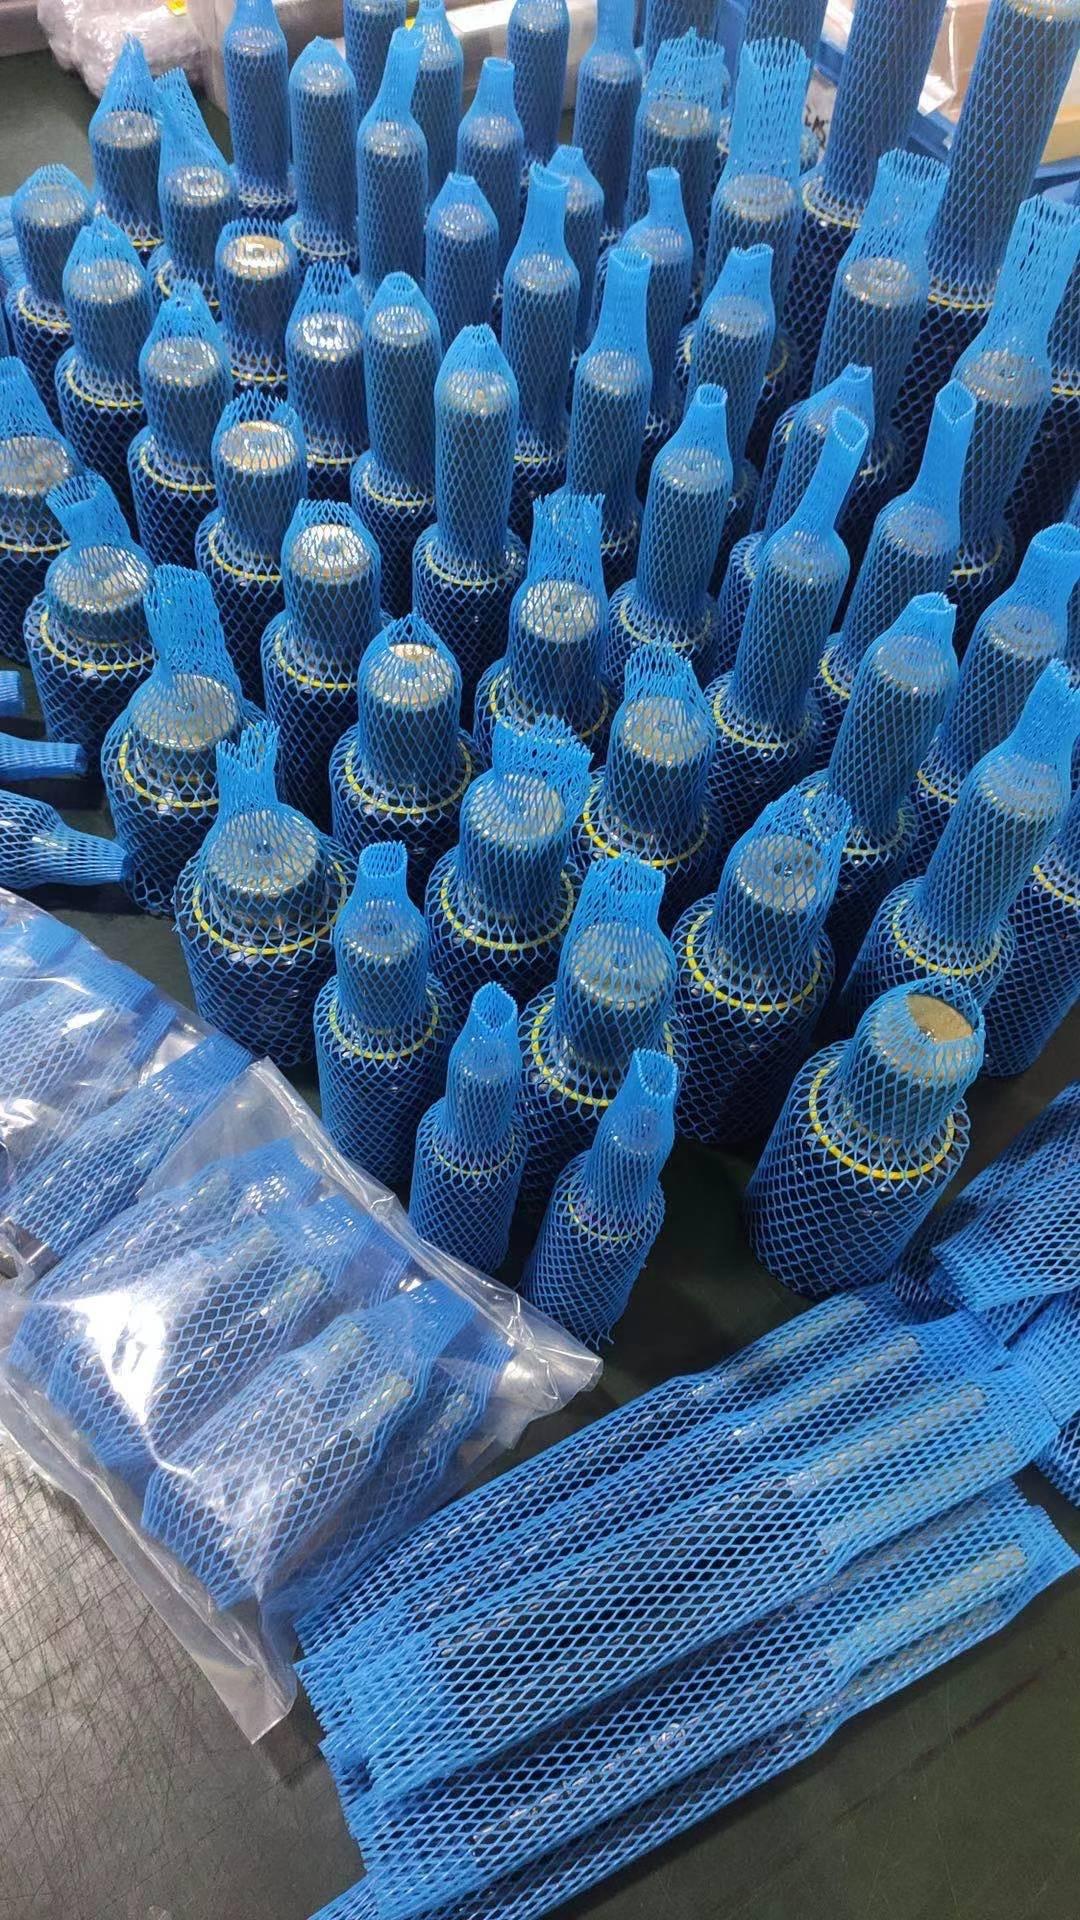 2021年年后韩国POWERTEC氮气弹簧继续出货